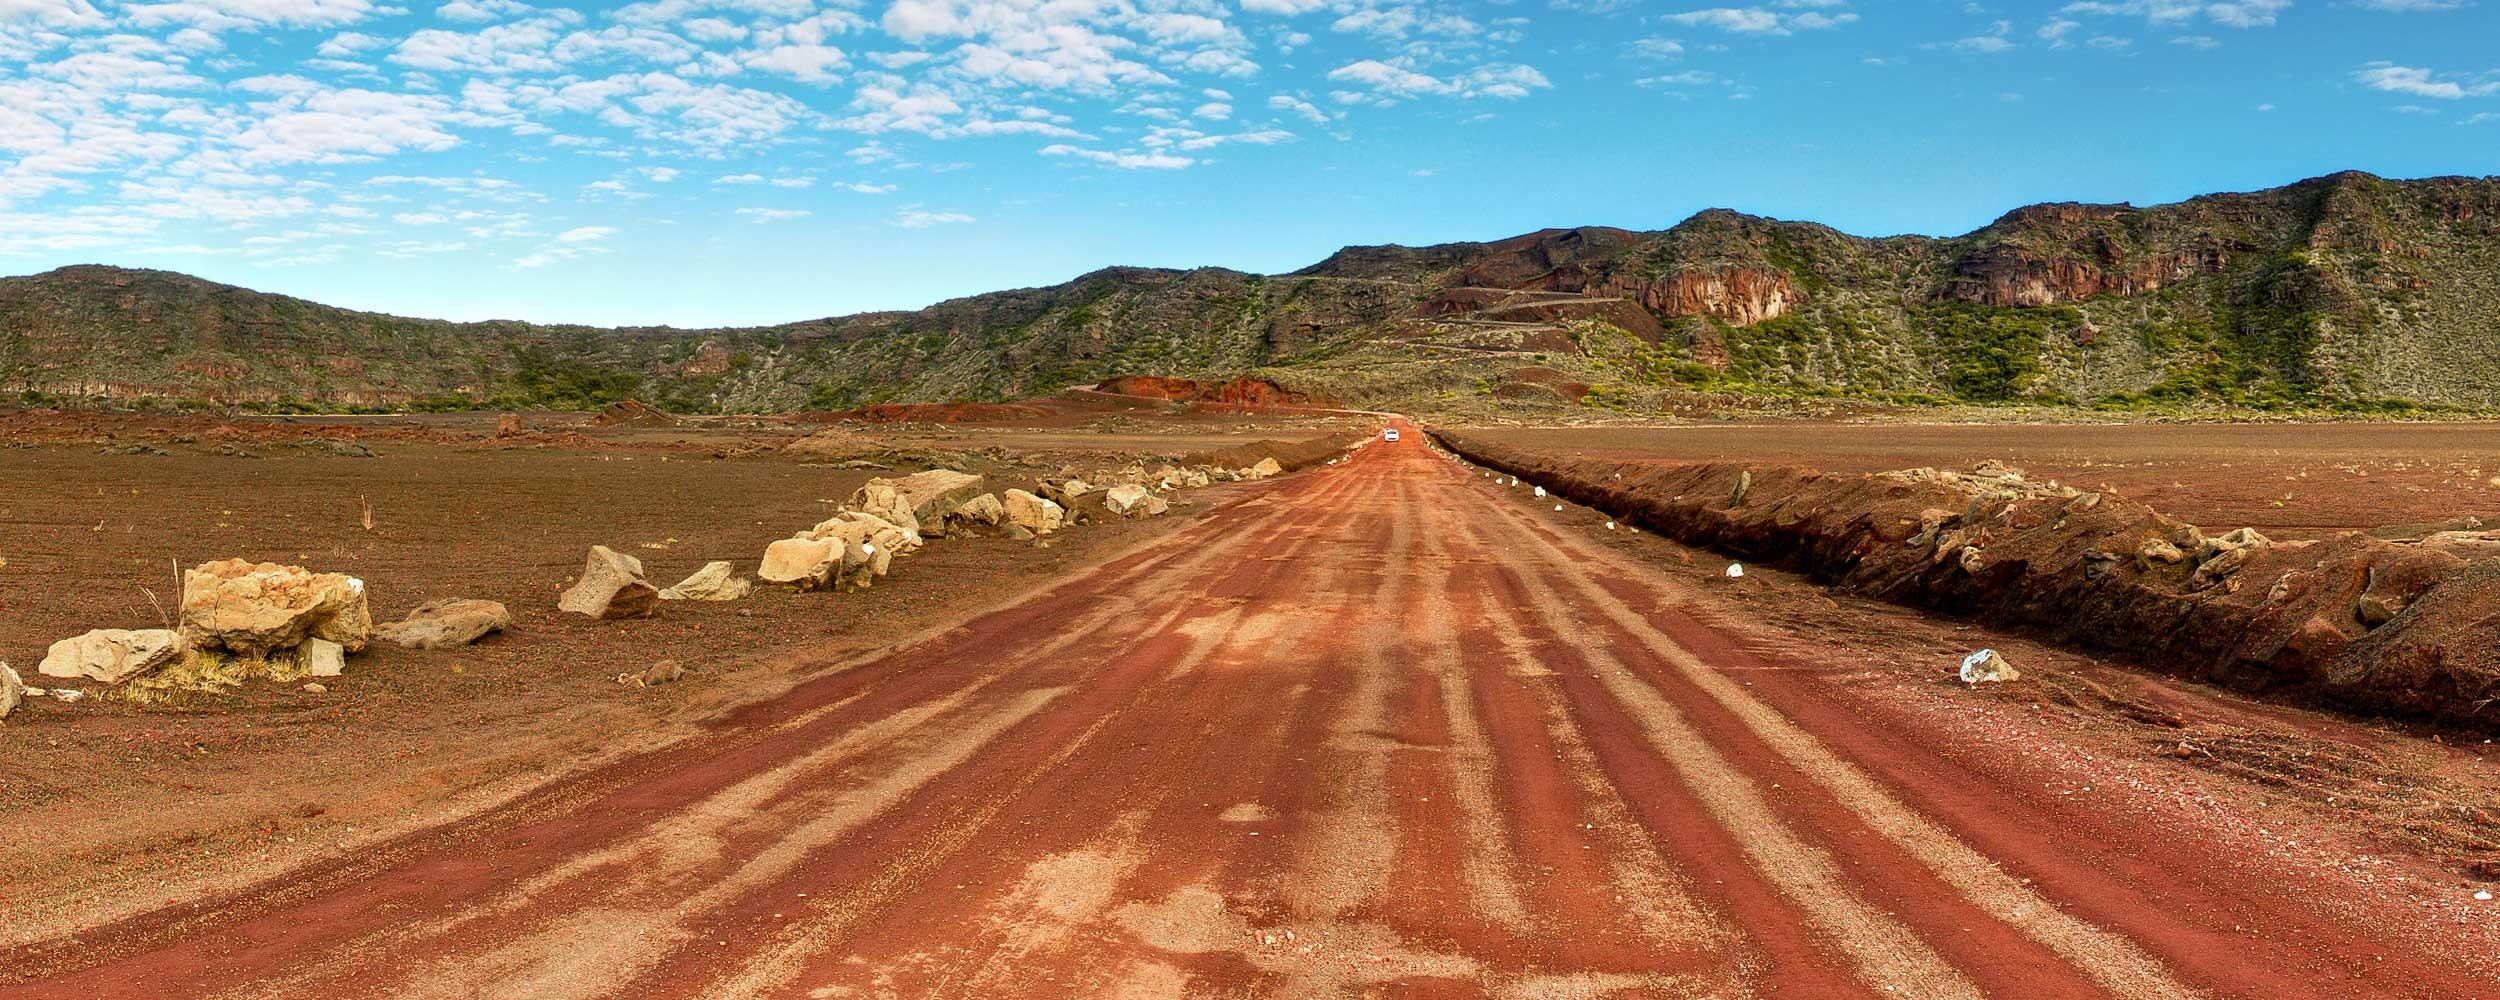 Plaine des Cafres à l'ile de la Réunion, endroit lunaire